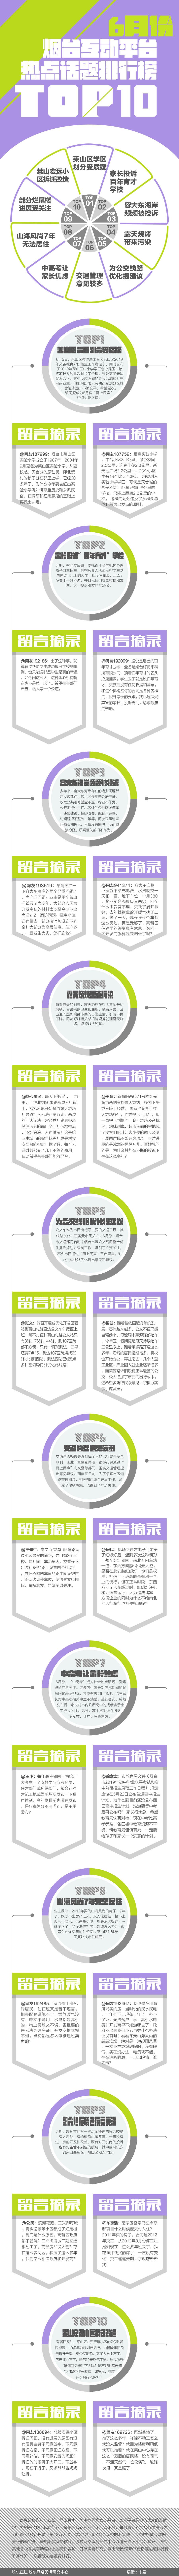 6月份烟台互动平台热点话题排行榜top10